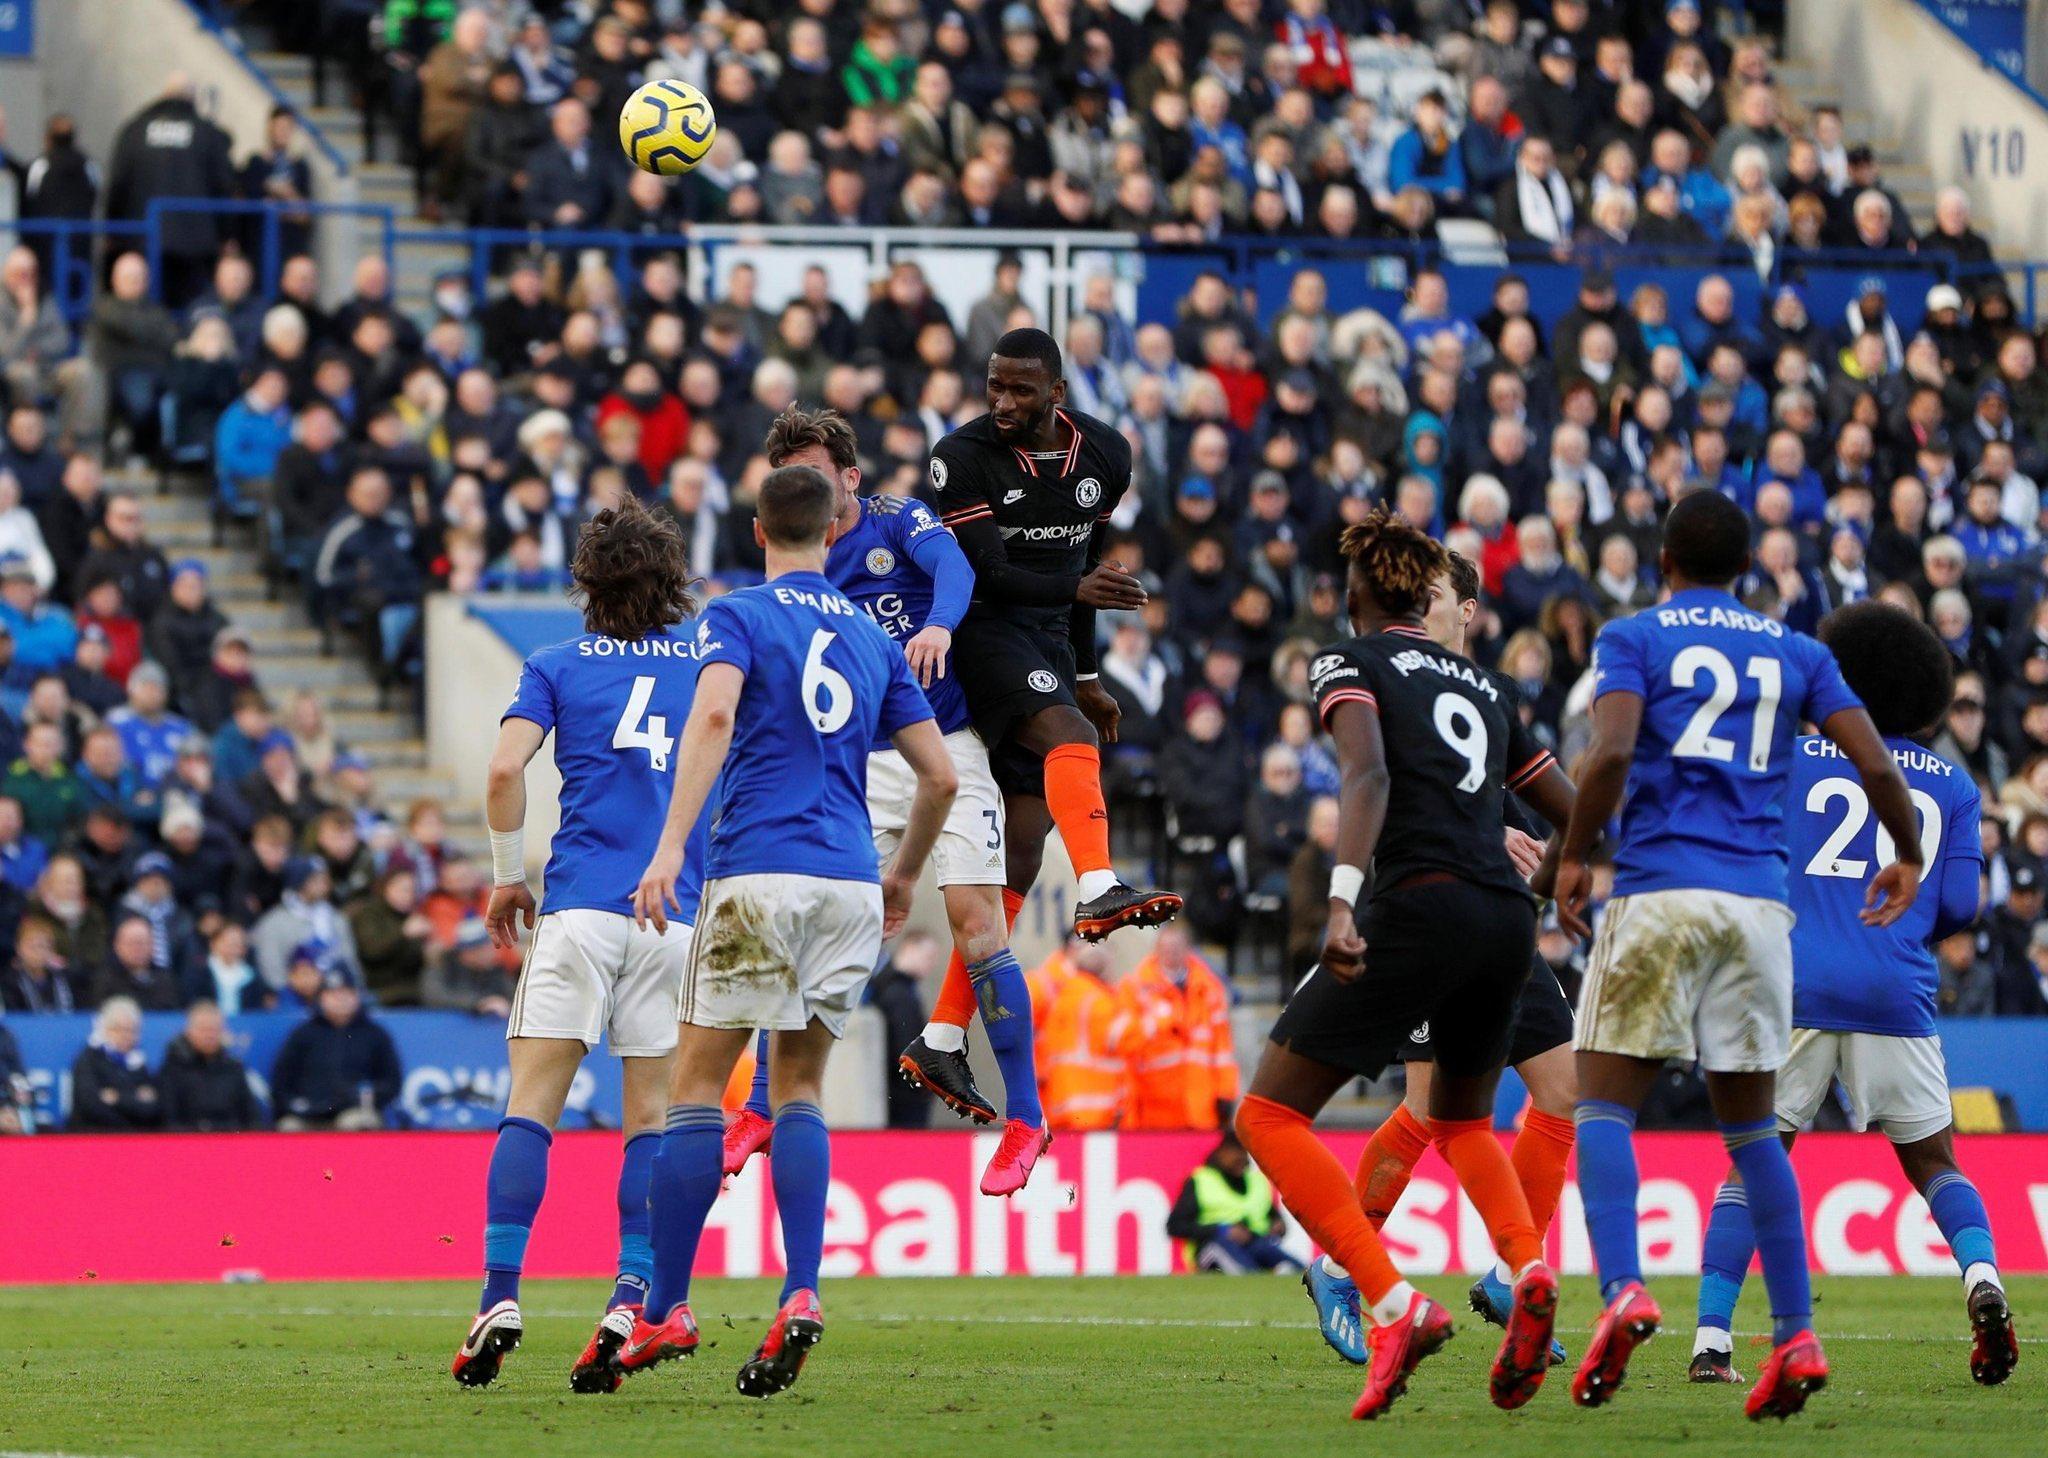 Photo of División de puntos entre el Leicester y el Chelsea en la Premier, El marcador final fue de 2-2